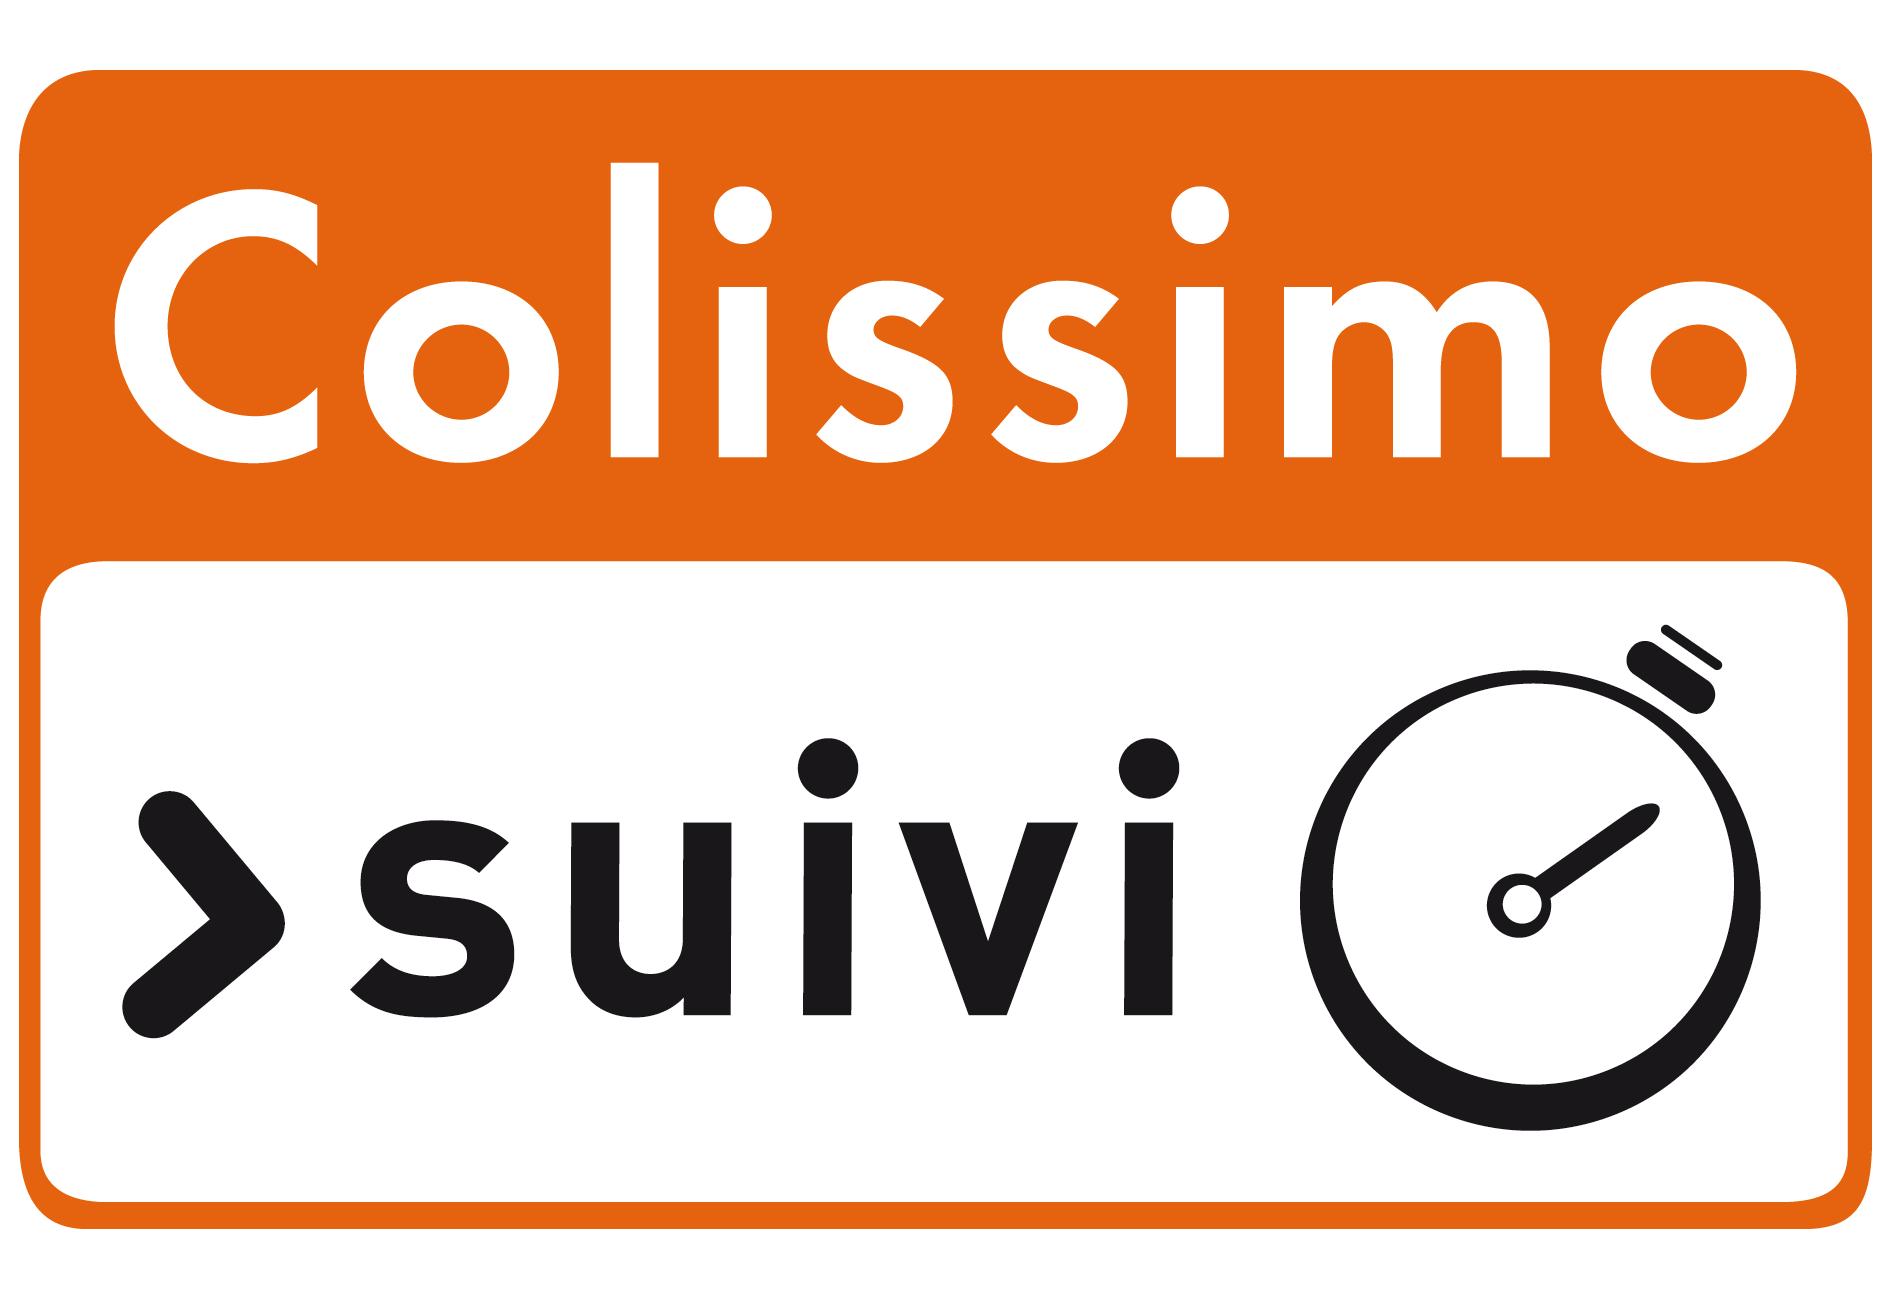 logo_colissimo_suivi.png